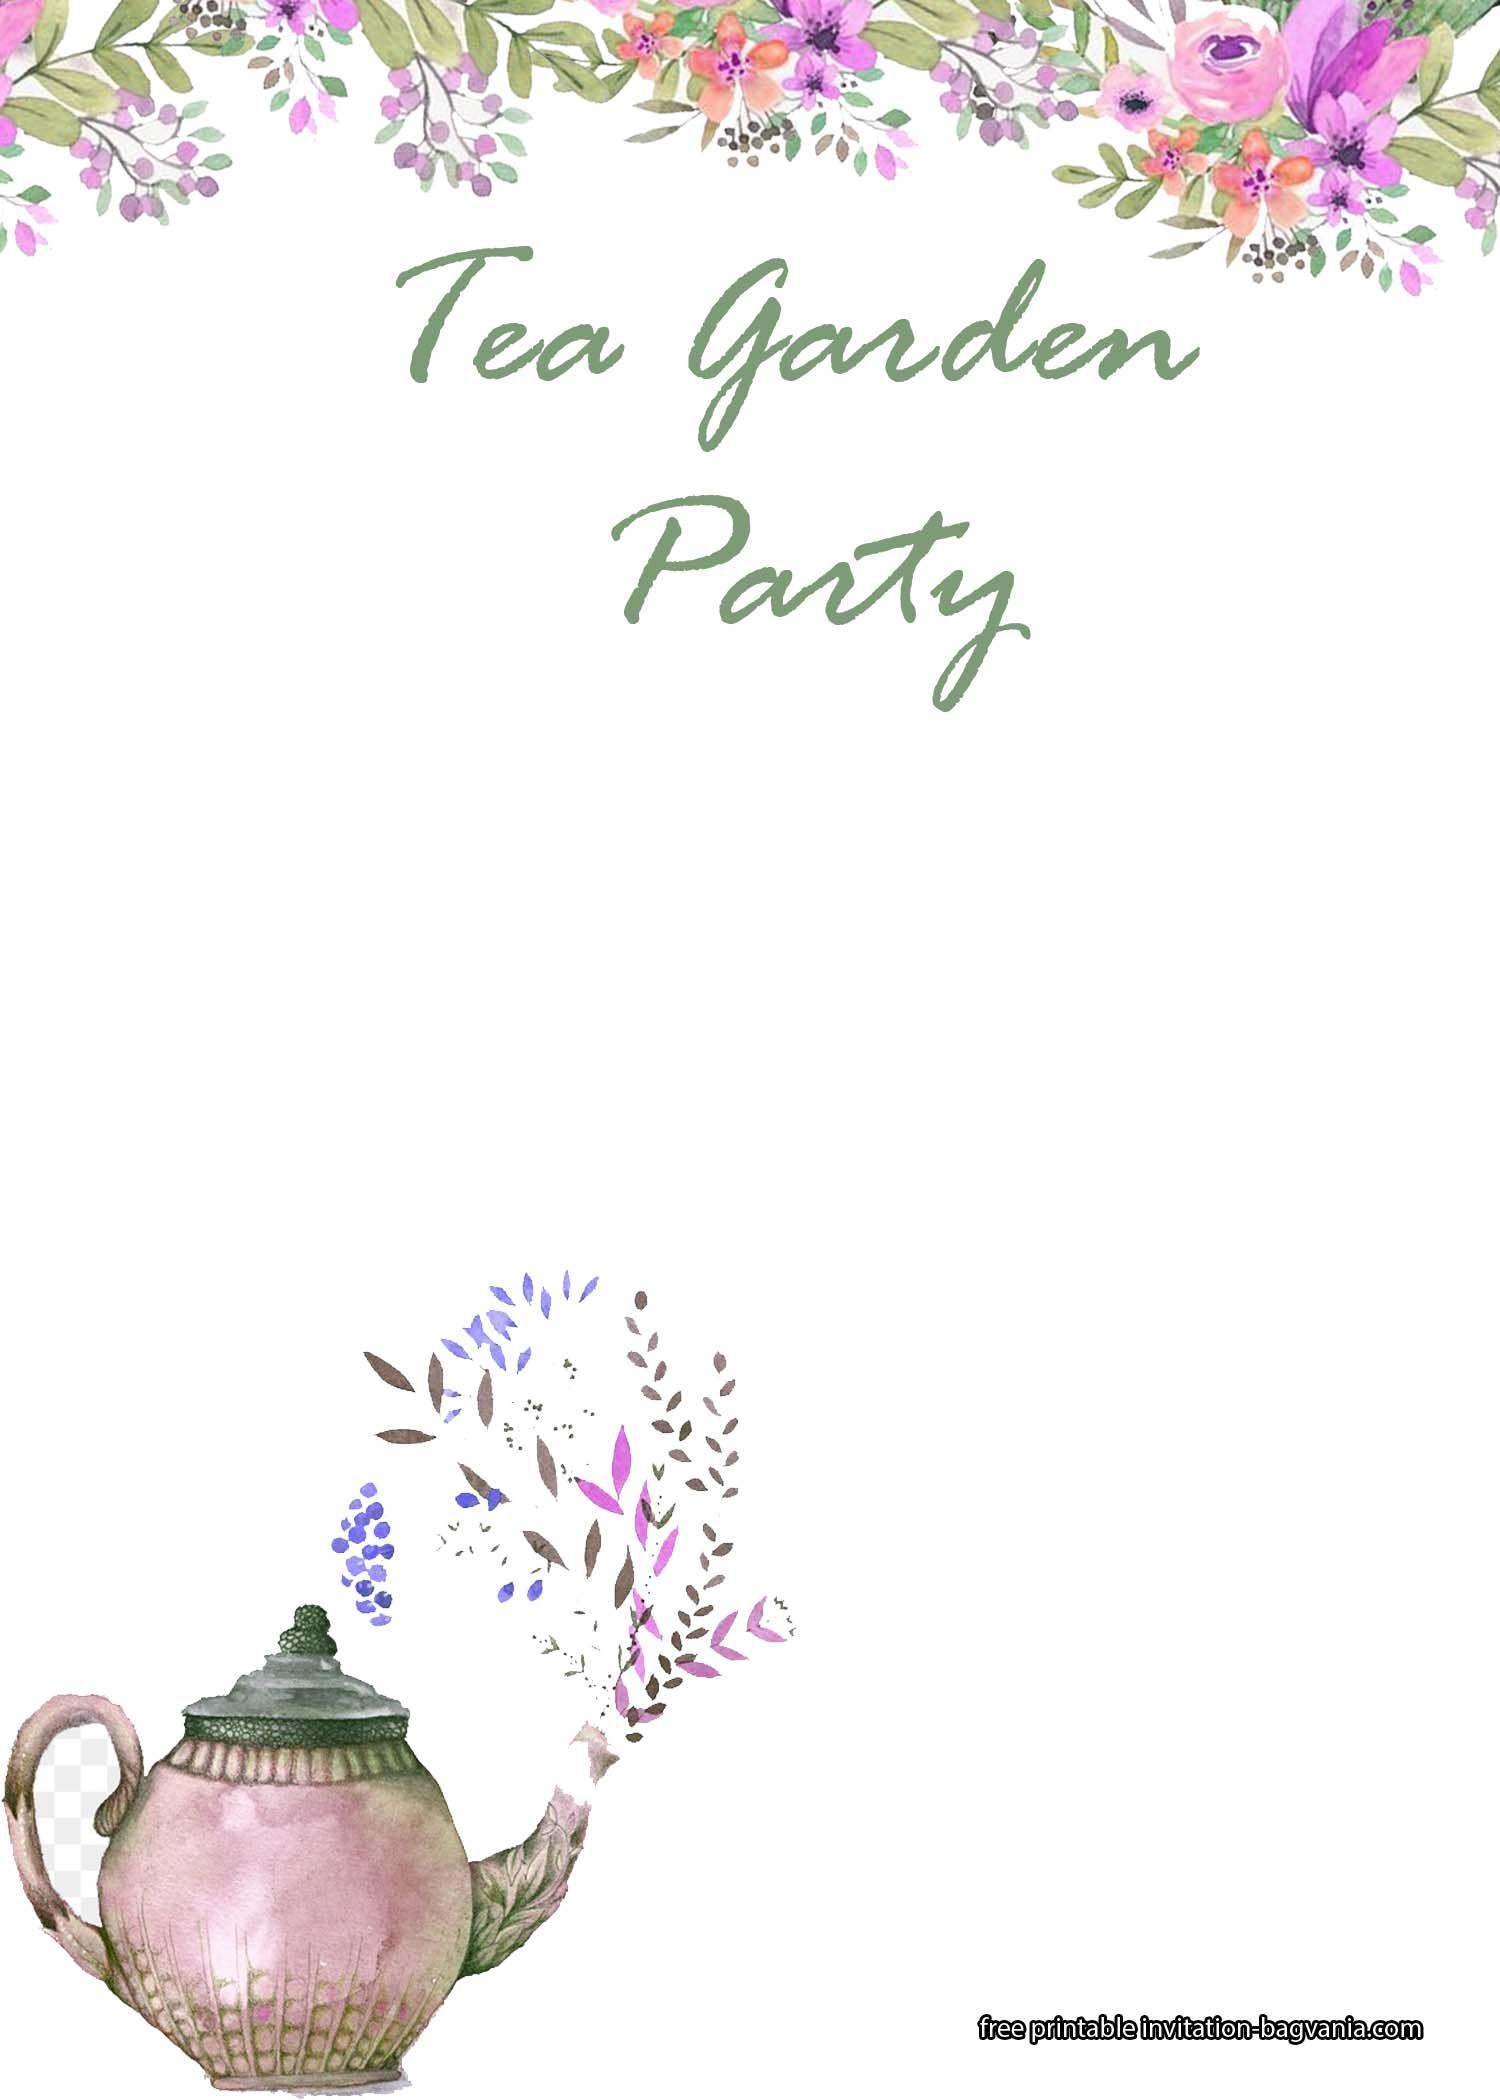 Free Printable Garden Tea Party Invitation Templates Tea Party Invitations Garden Party Invitations Party Invite Template Garden party invite template free